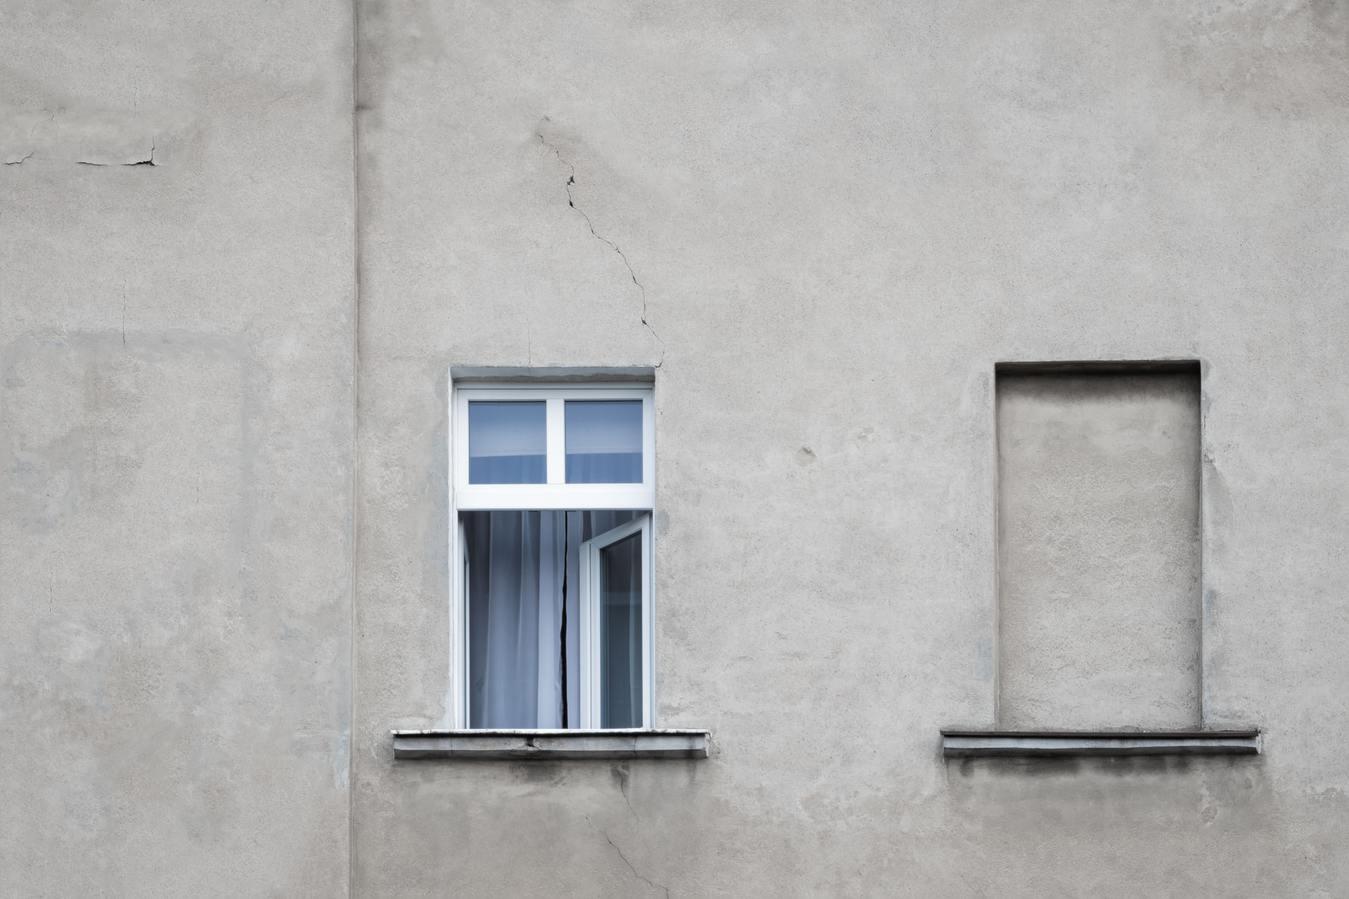 Une fenêtre ouverte avec une autre cimentée qui représentent une niche ouverte et une autre fermée